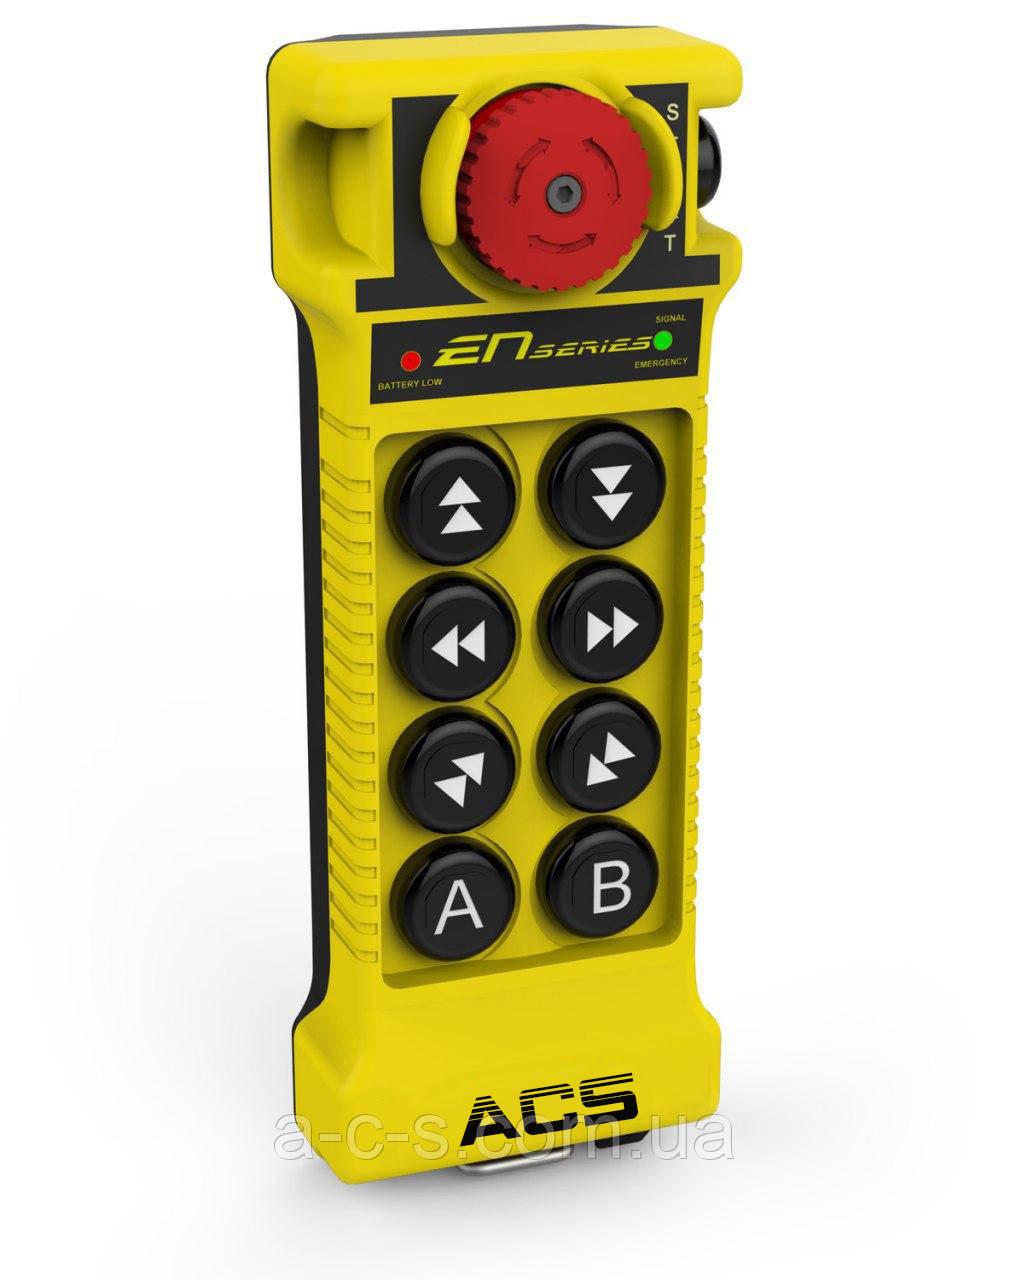 Система радиоуправления грузоподъемними кранами Elfatek EN MID 802